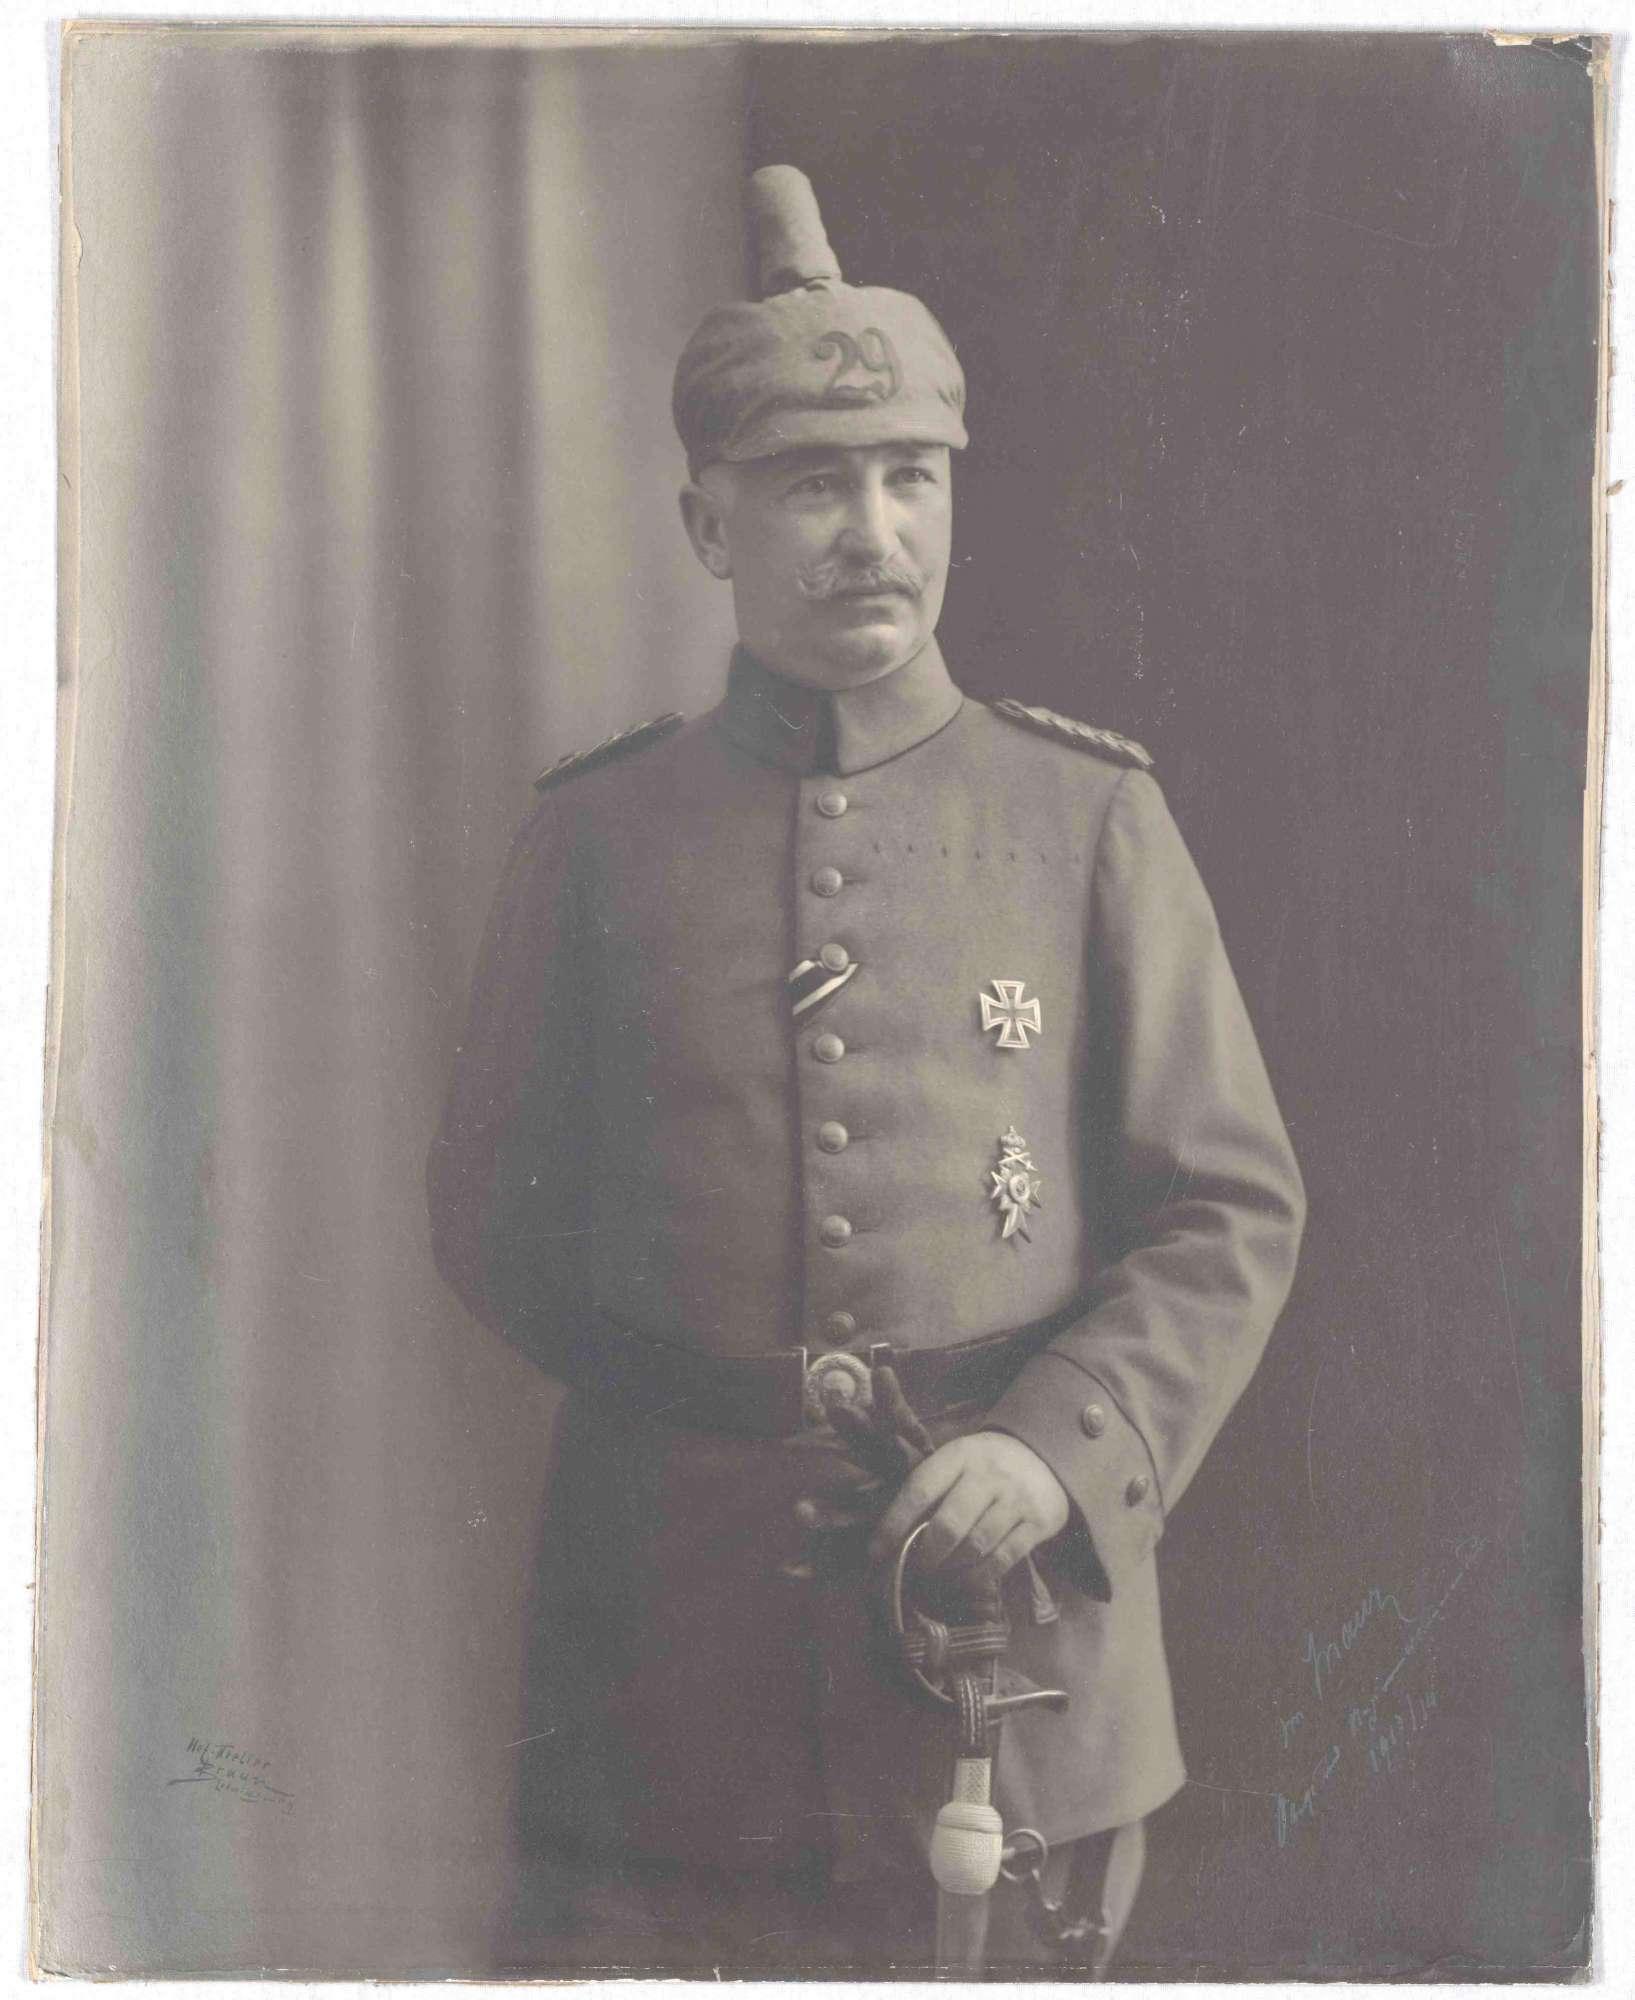 Viktor von Maur, Oberst und Kommandeur von 1911-1914, zuletzt Generalmajor, stehend in Uniform mit Säbel und Pickelhaube, Brustbild, Bild 1